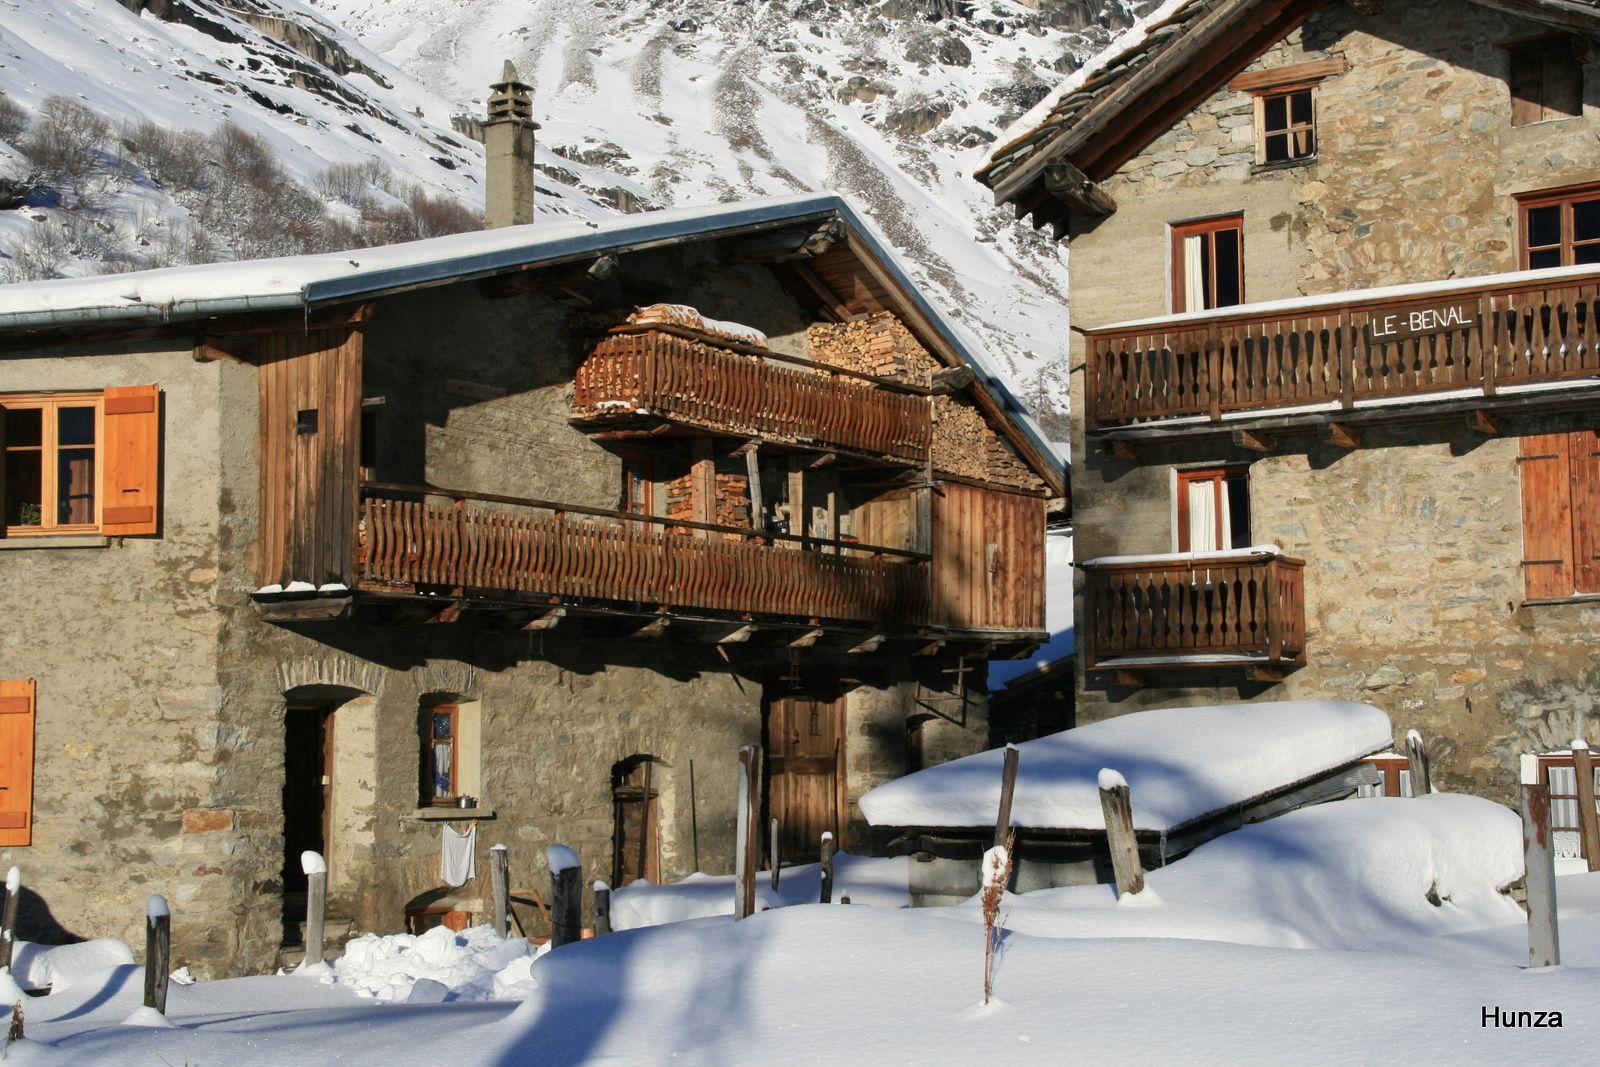 Vacances à Val Cenis Vanoise : ski, rando et découverte de la vallée de la Haute-Maurienne